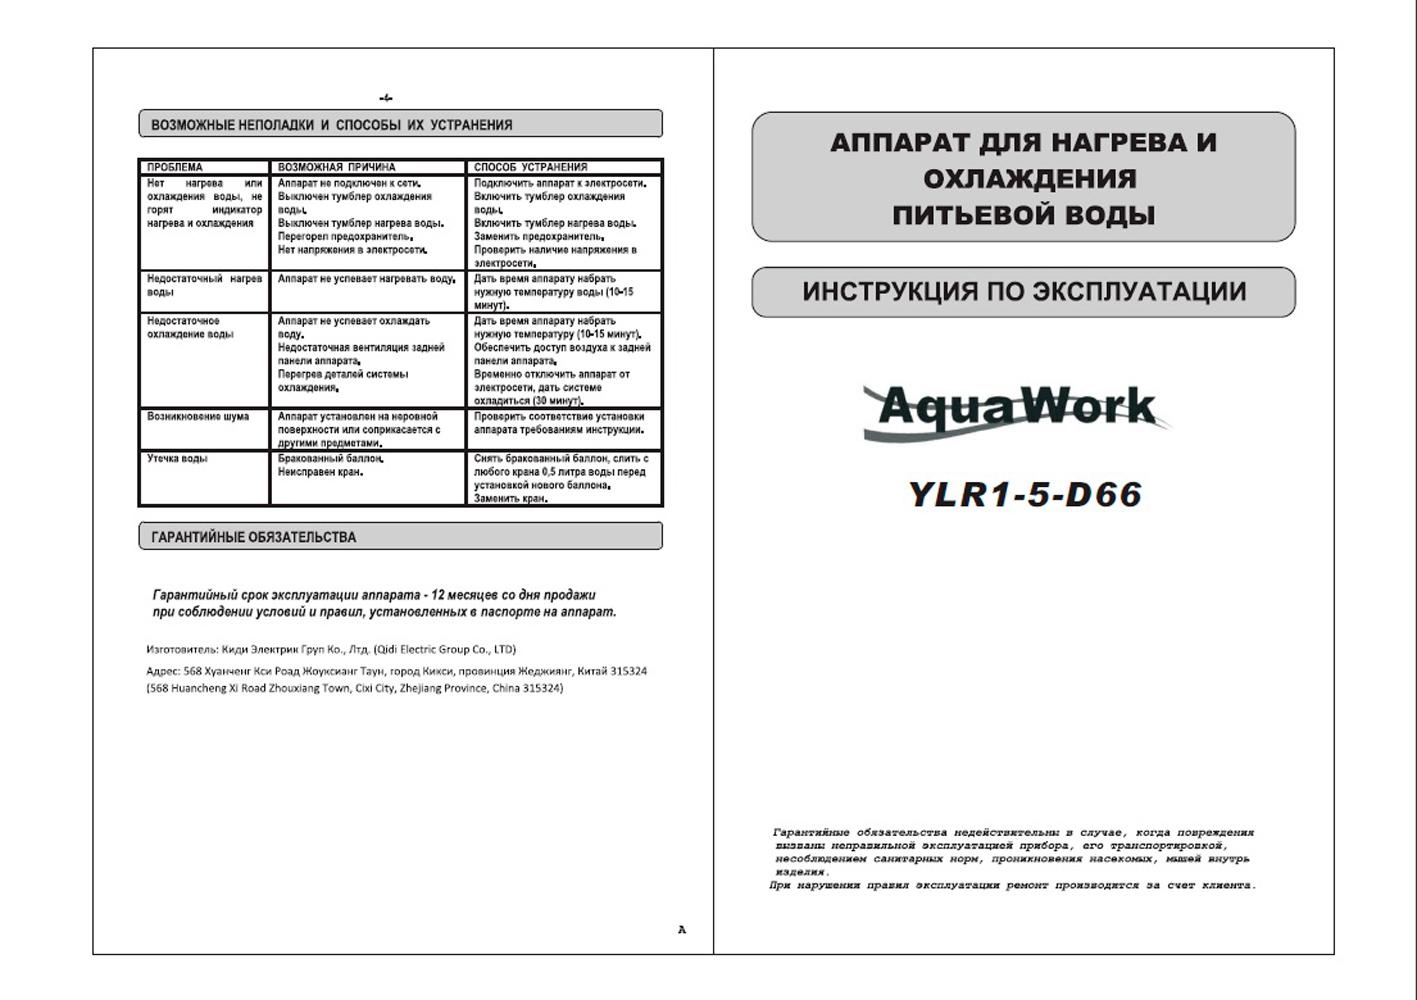 кулер Aqua Work D66 паспорт